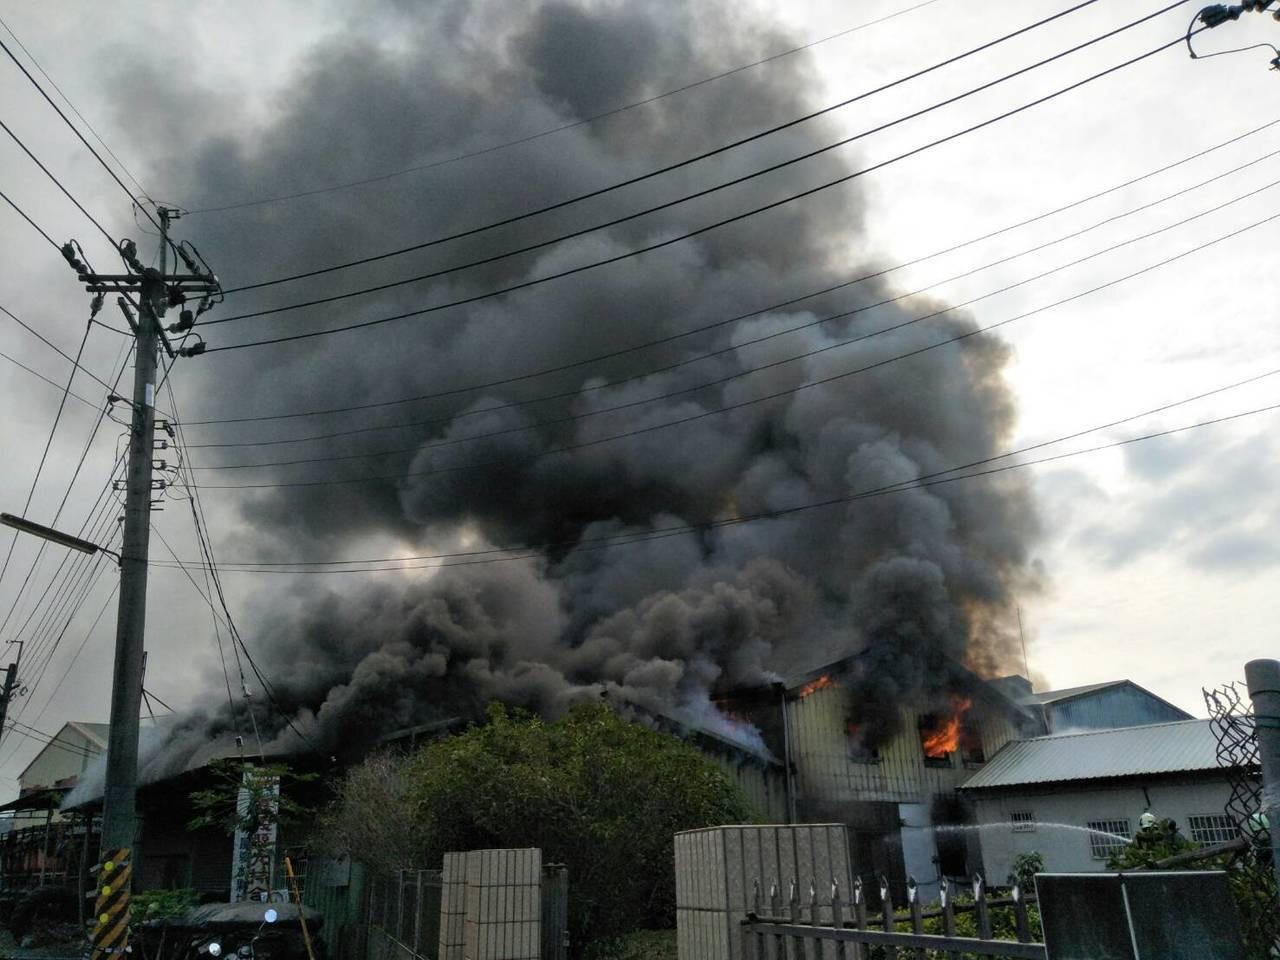 大林竹筍加工廠失火,濃煙衝天。圖/讀者提供